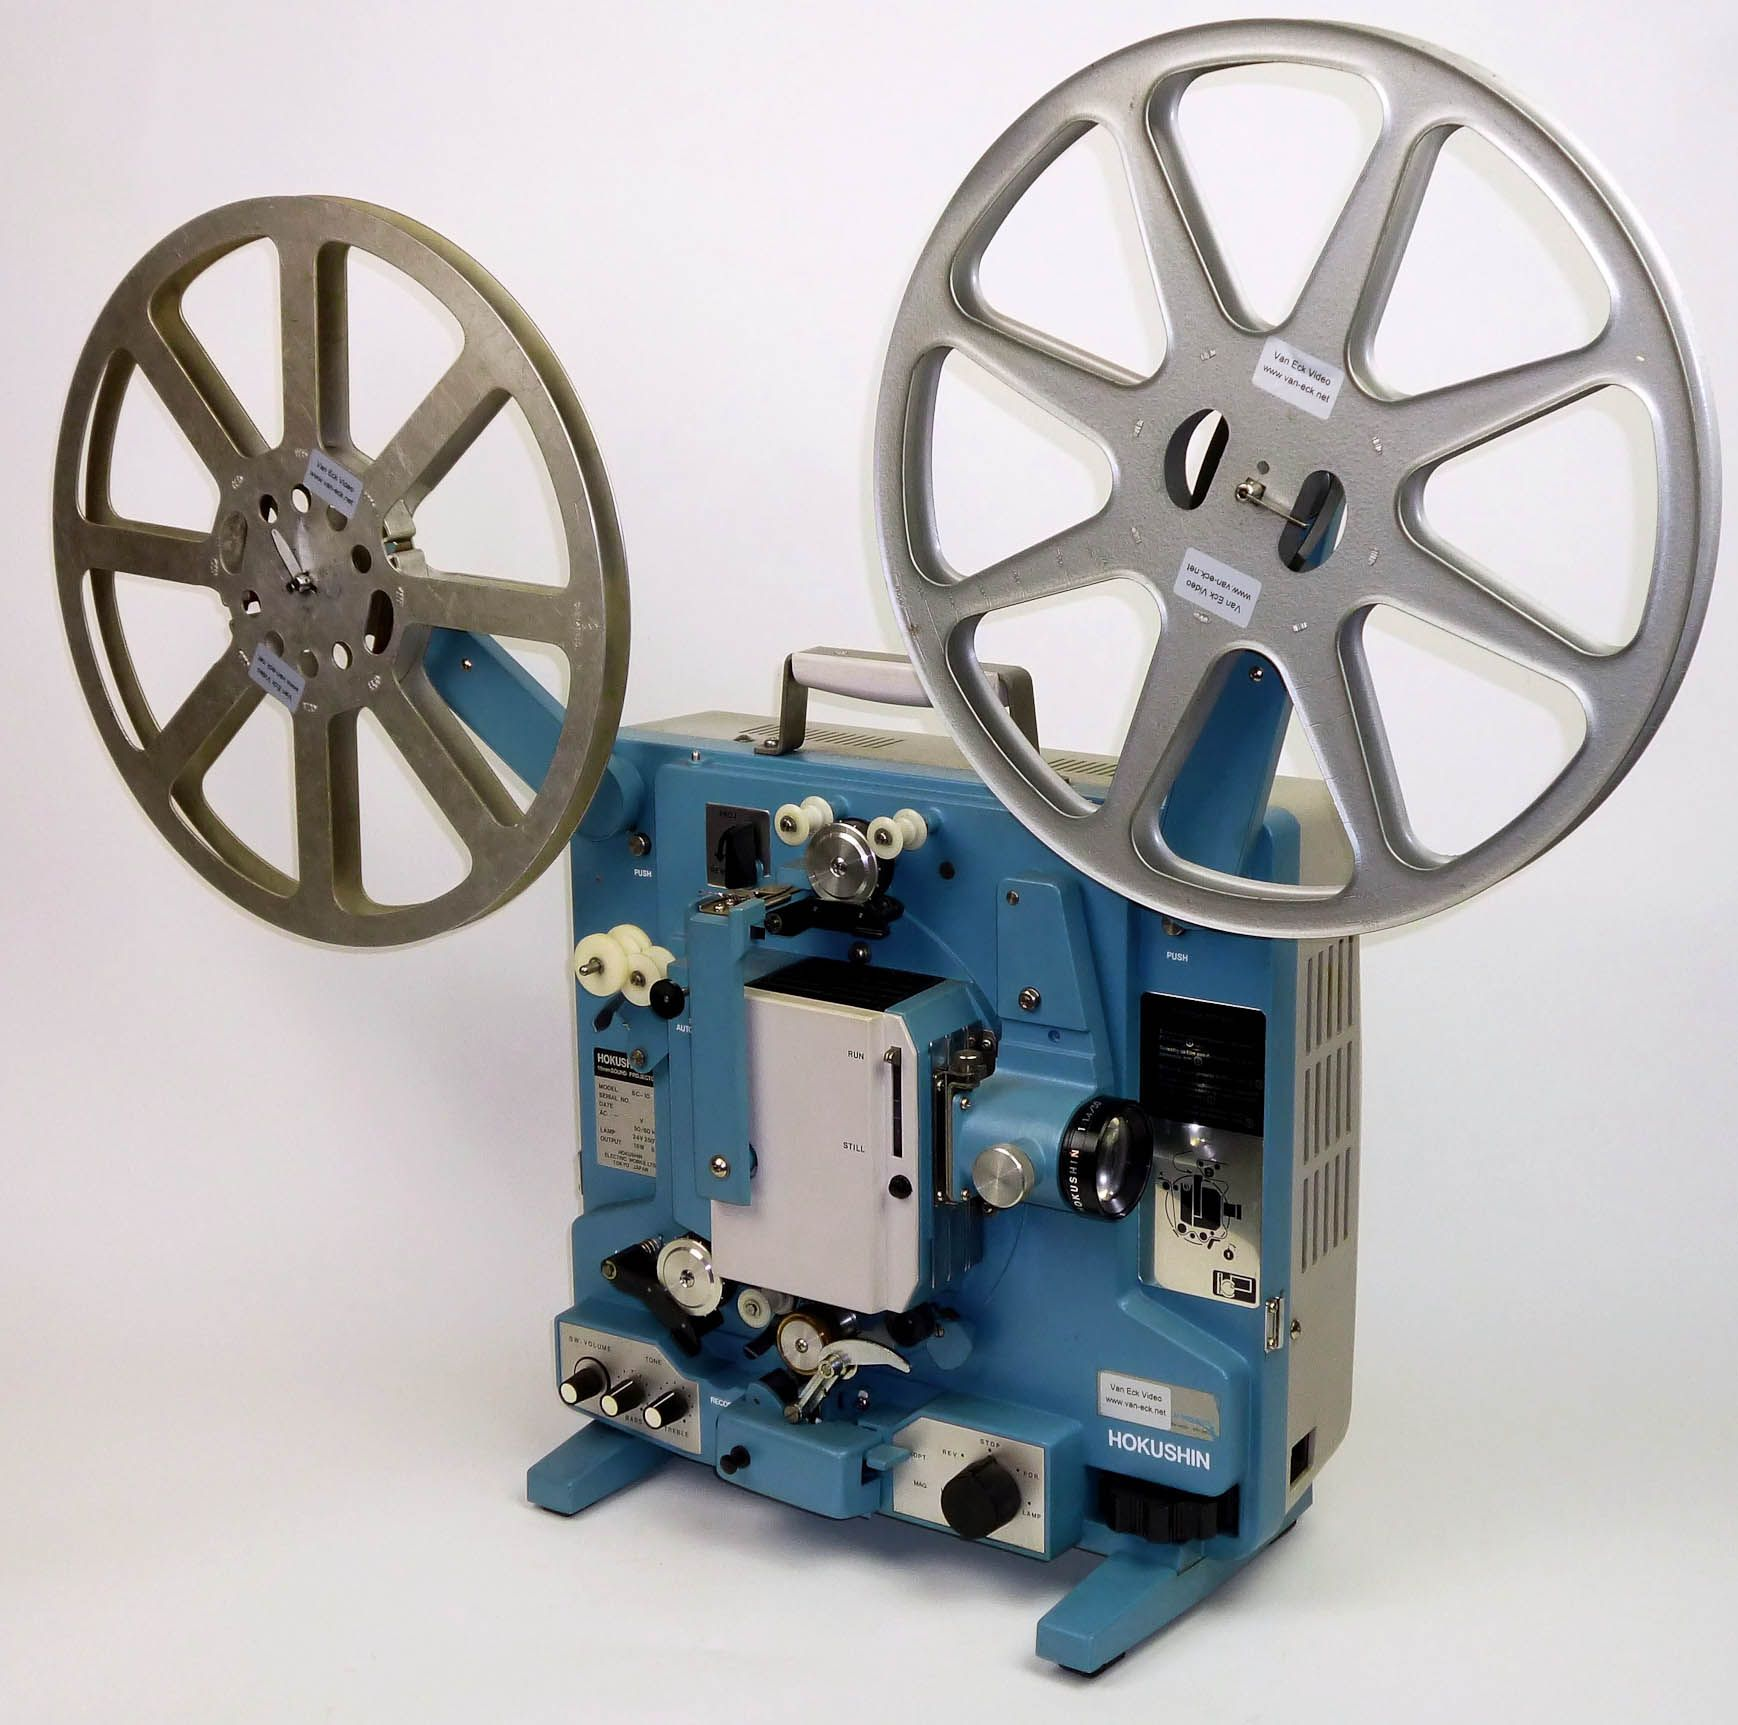 16mm Projectors - 8mm16mmfilmscollectibles.com